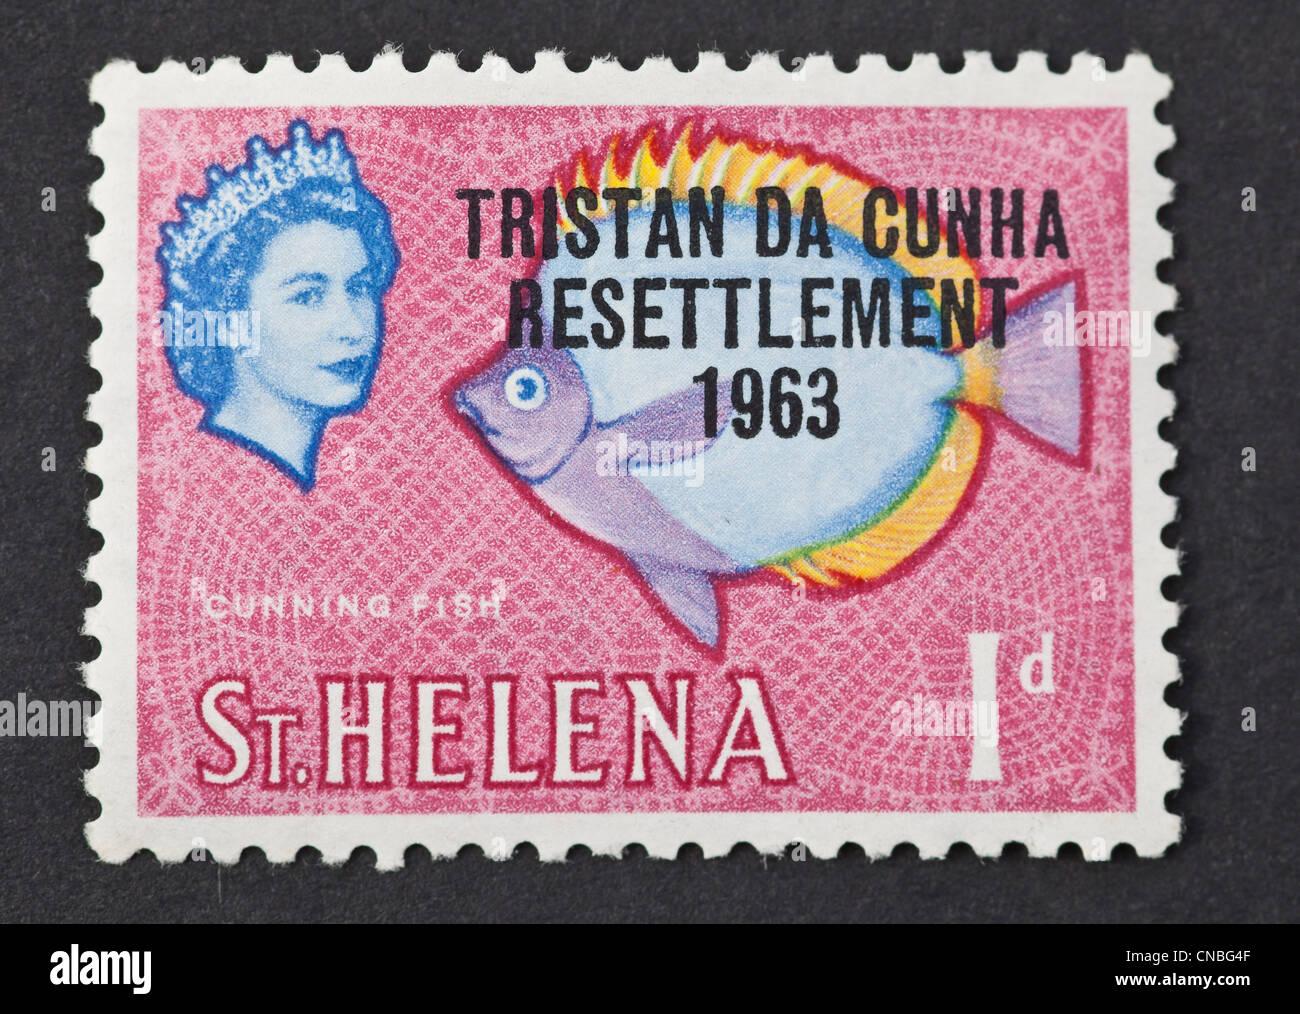 Tristan Da Cunha, 1963 resettlement overprint on St.Helena mint stamp. 1963. - Stock Image